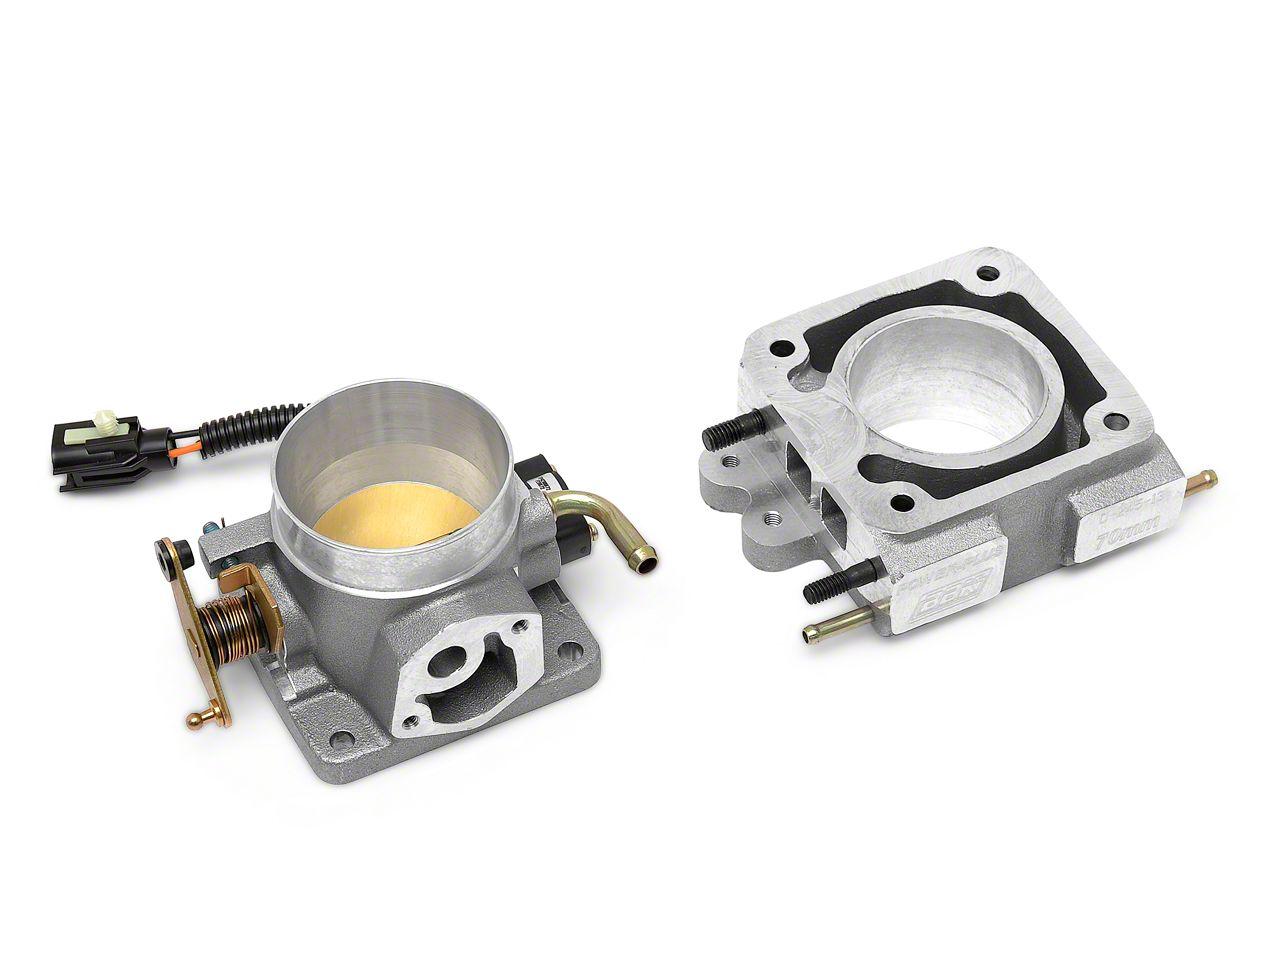 BBK 70mm Throttle Body w/ EGR Spacer (86-93 5.0L)